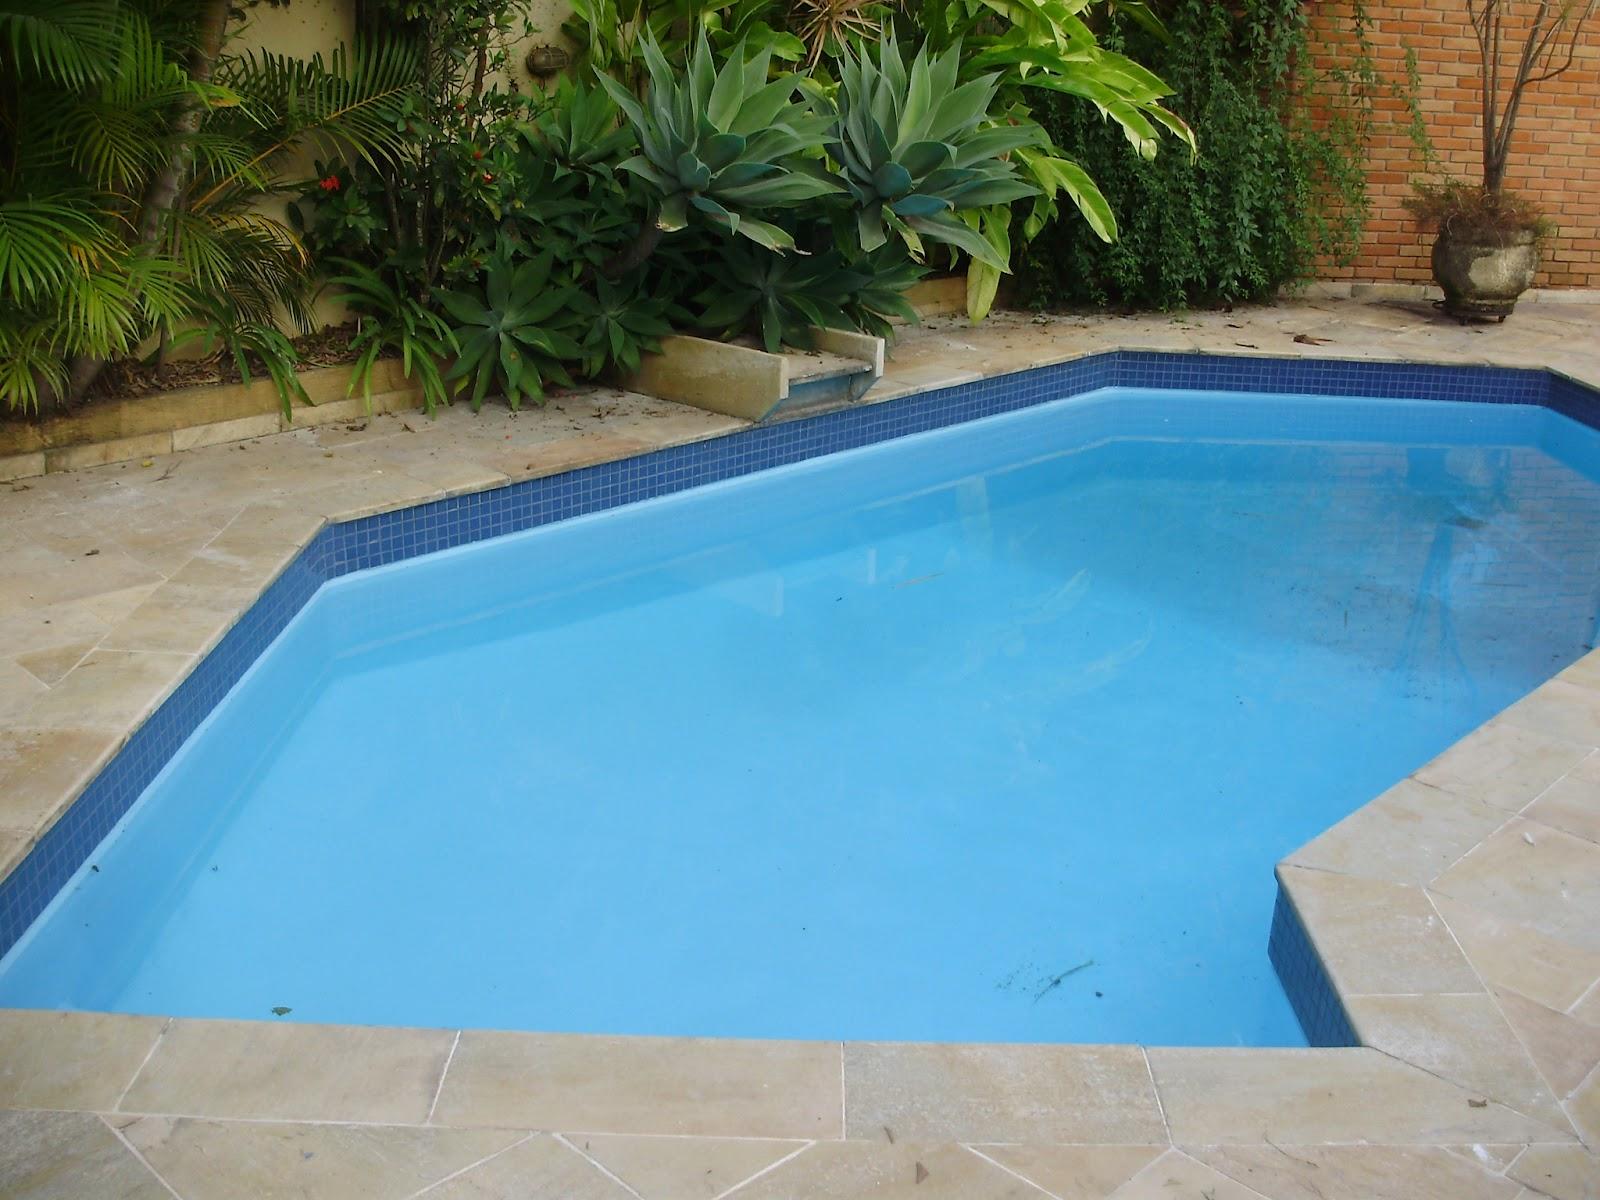 Cooper fibra banheiras pintura de piscina de fibra de vidro for Piscinas p 29 villalba